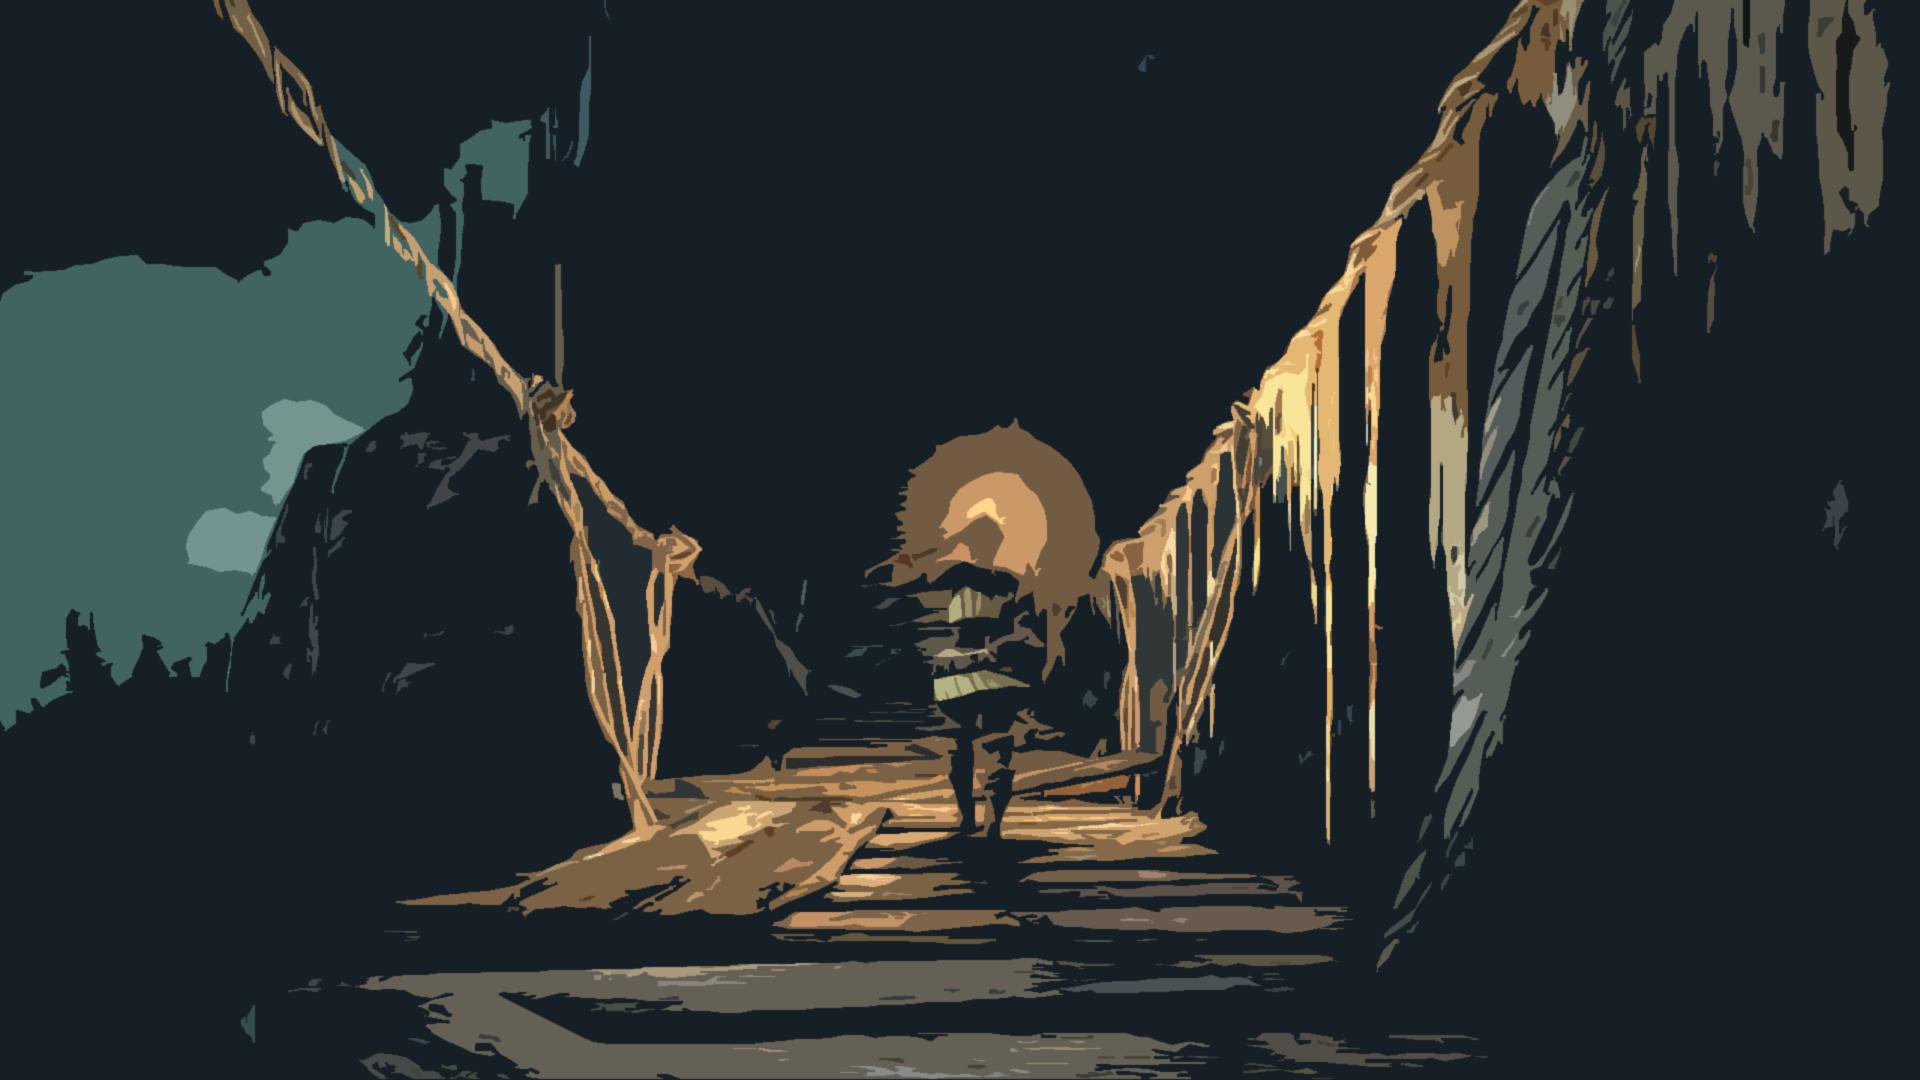 Dark Souls Iii Wallpaper Desktop 2020 Live Wallpaper Hd Dark Souls Wallpaper Dark Souls Bridge Painting